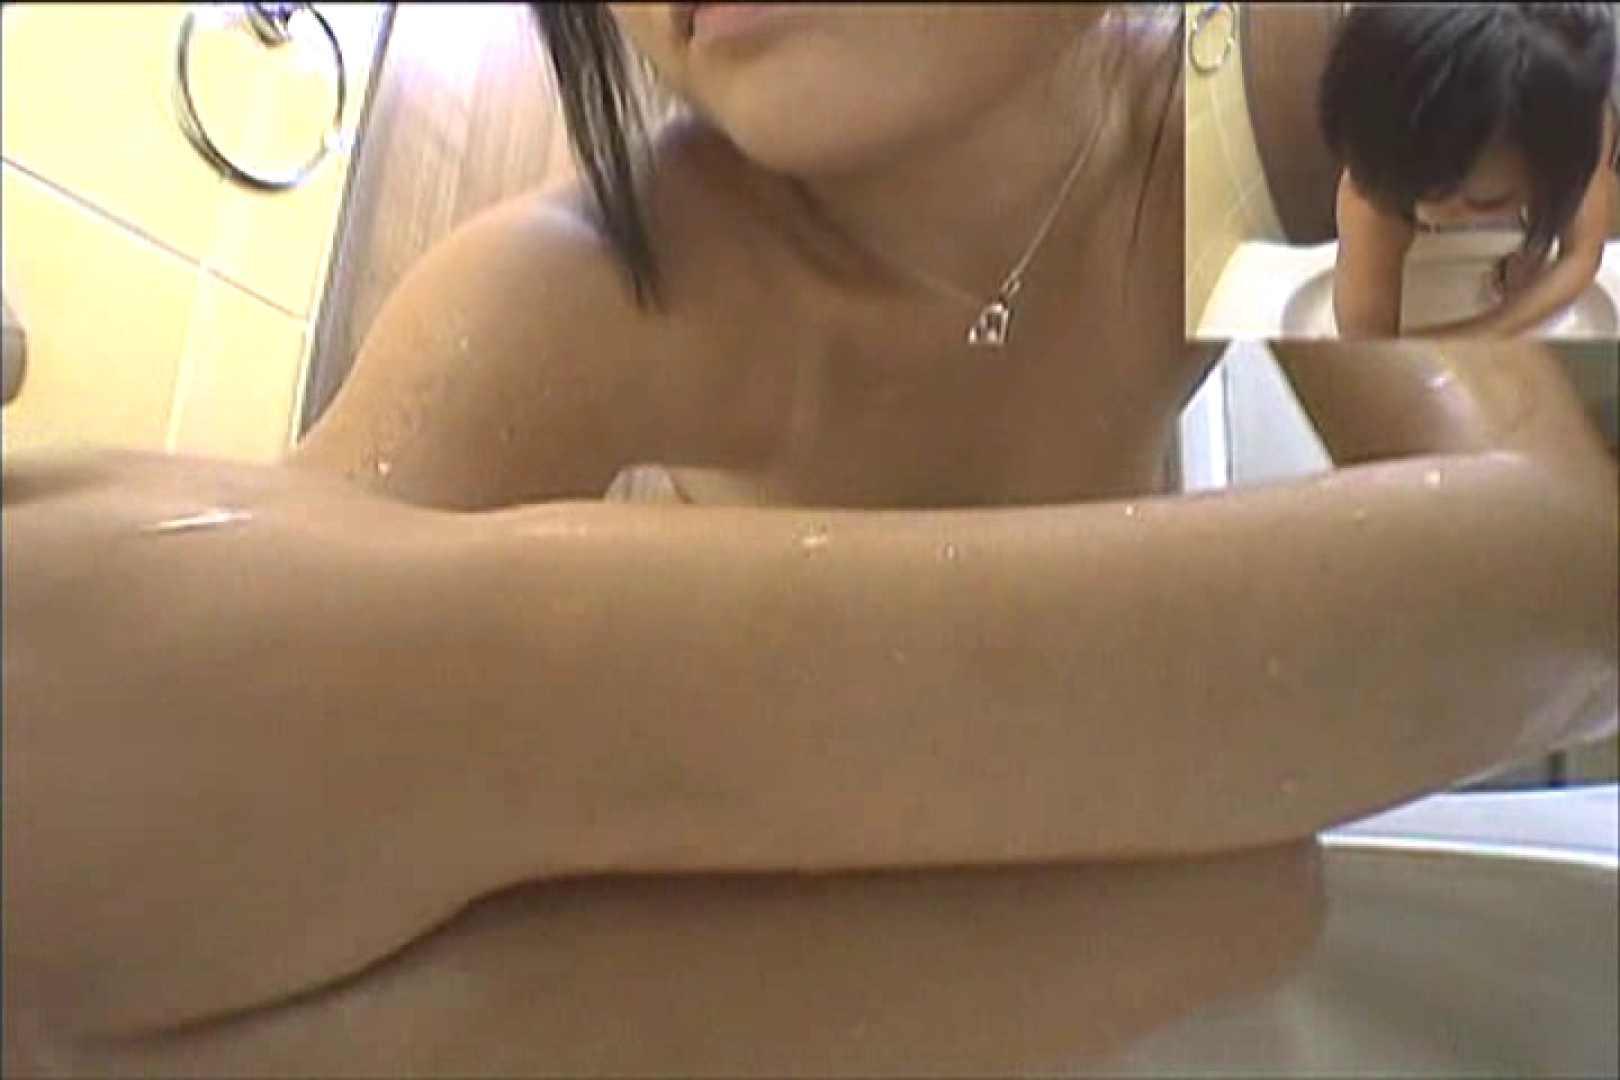 水着ギャルびっくり!! 洗面所盗撮Vol.11 オナニー すけべAV動画紹介 61pic 52